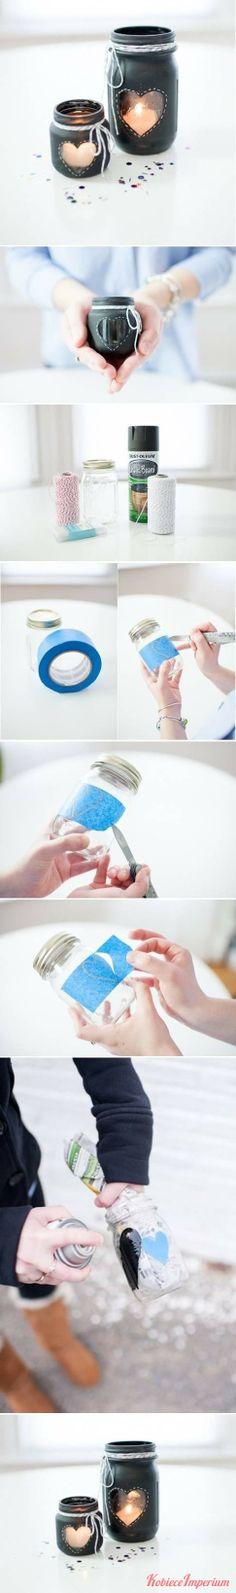 Świeczniki - zobacz jak można je zrobić samemu !